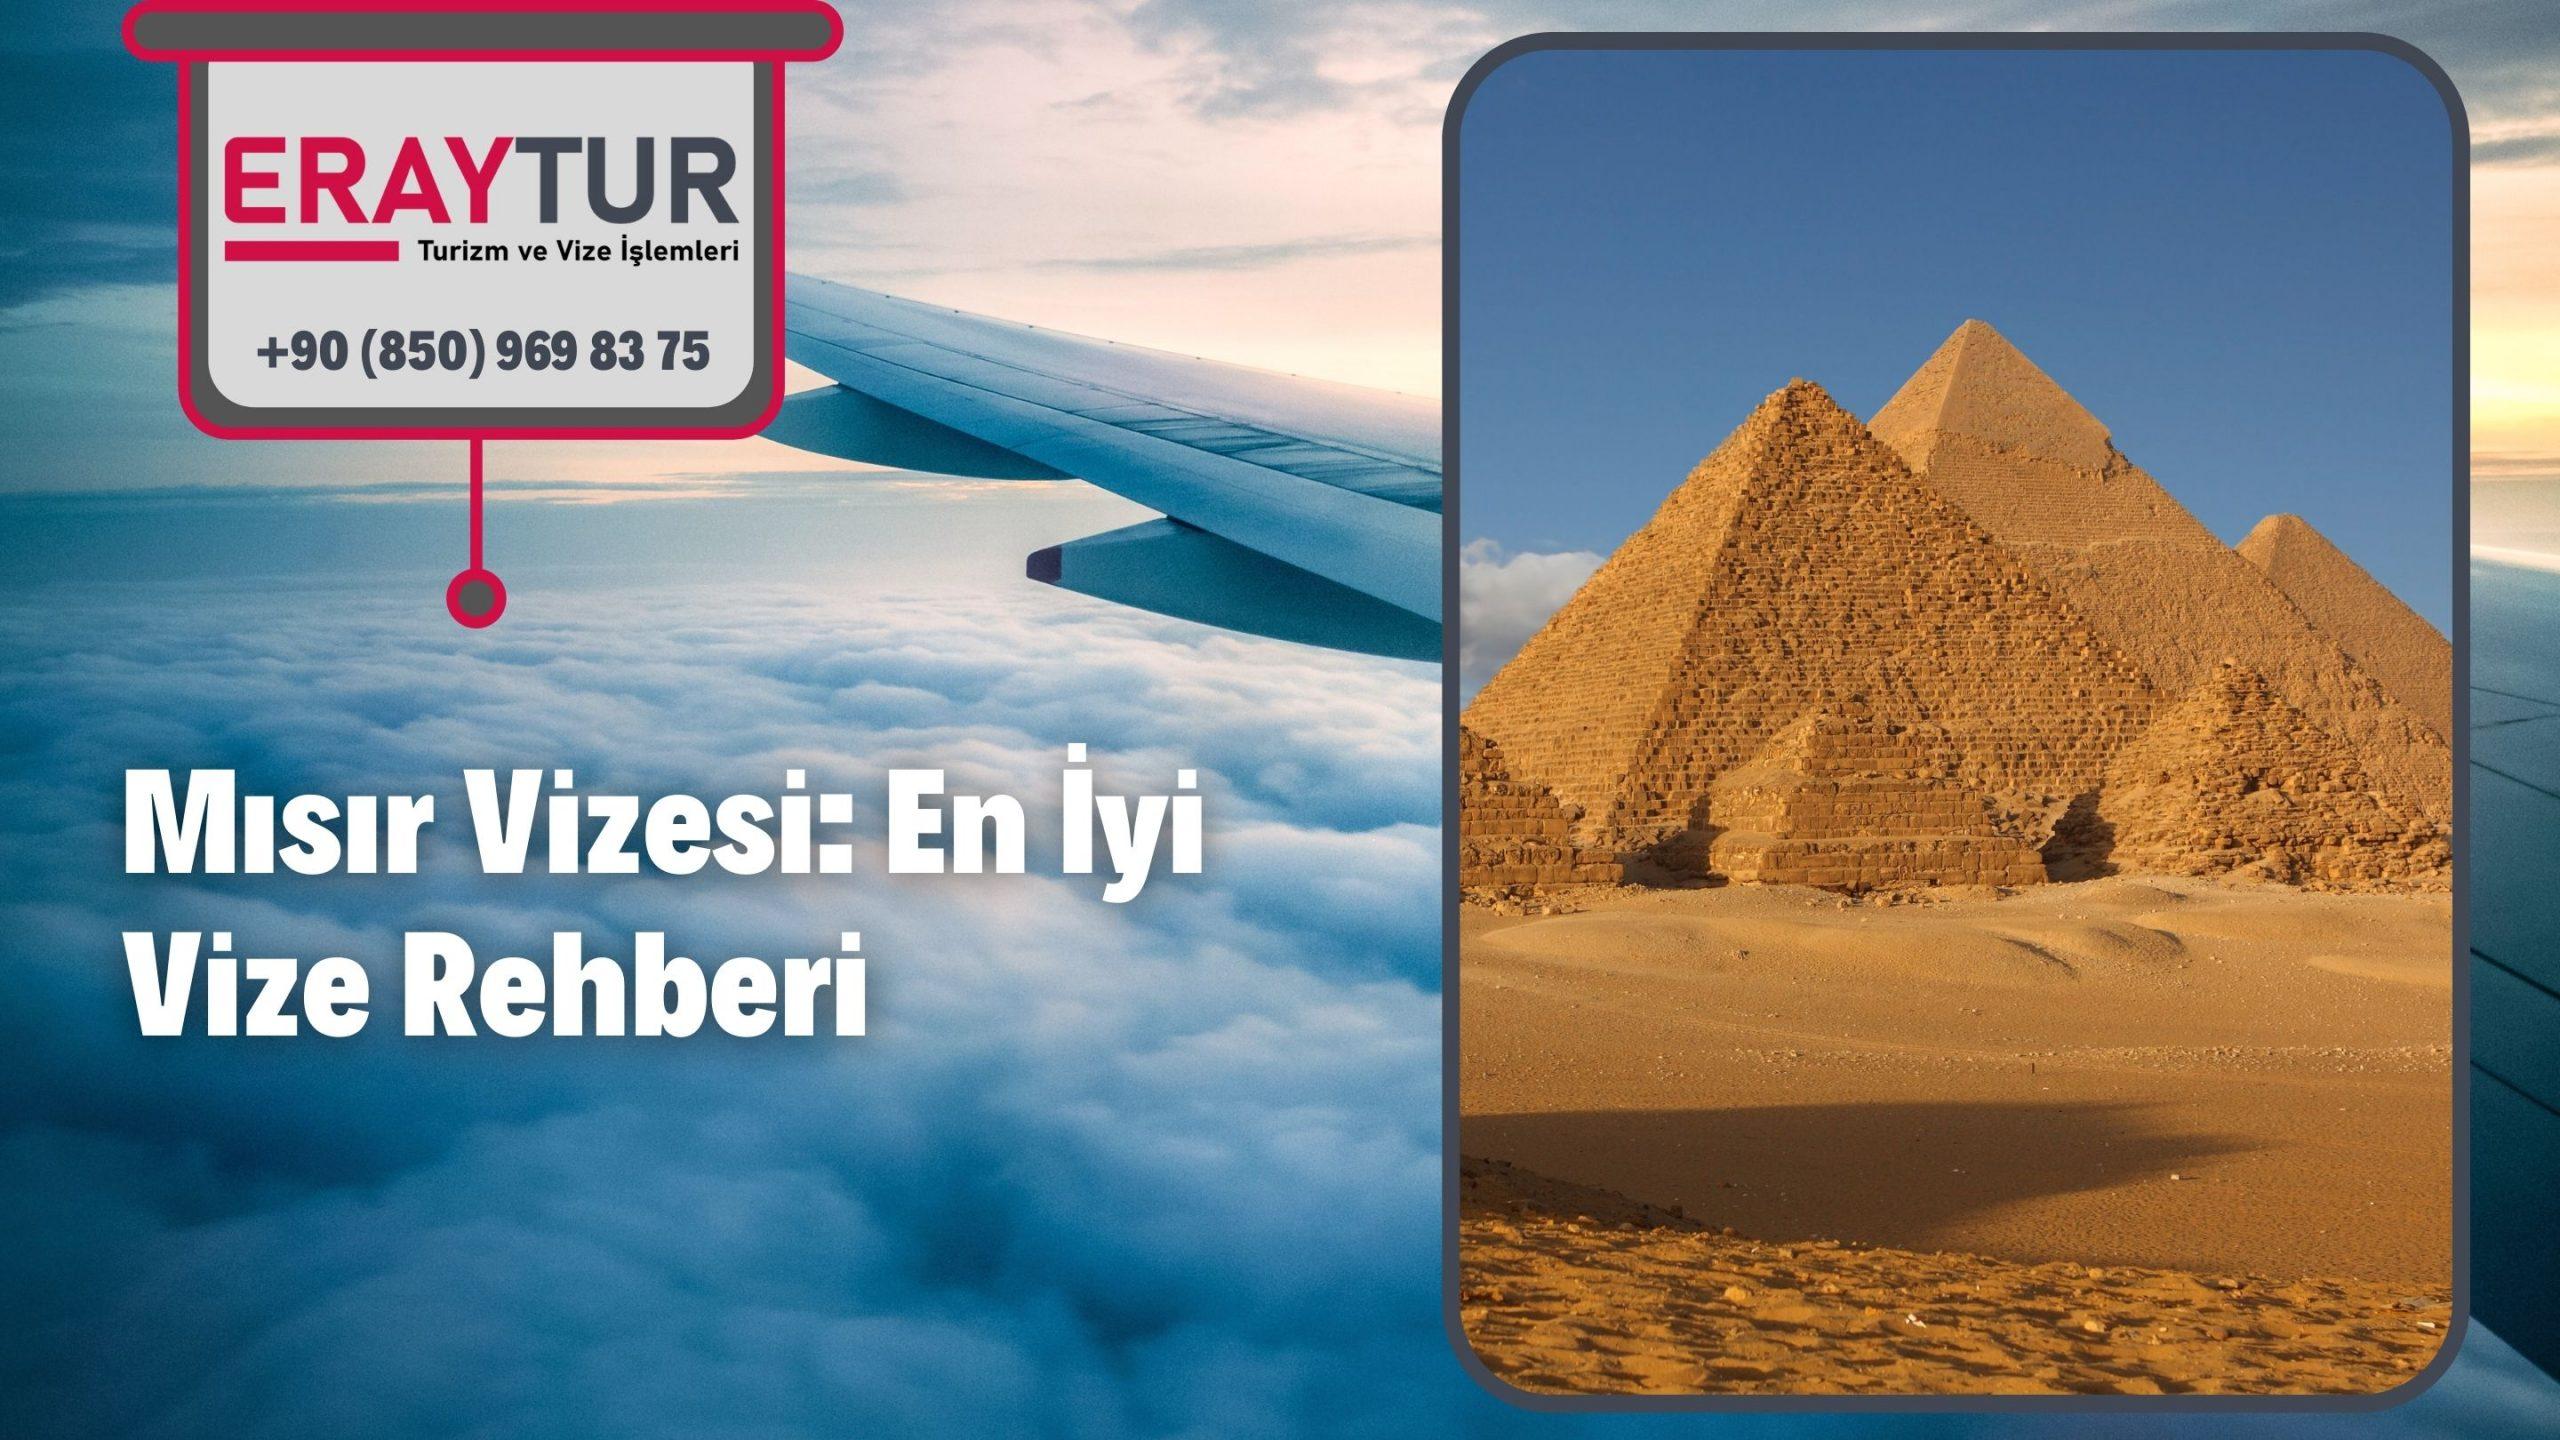 Mısır Vizesi: En İyi Vize Rehberi